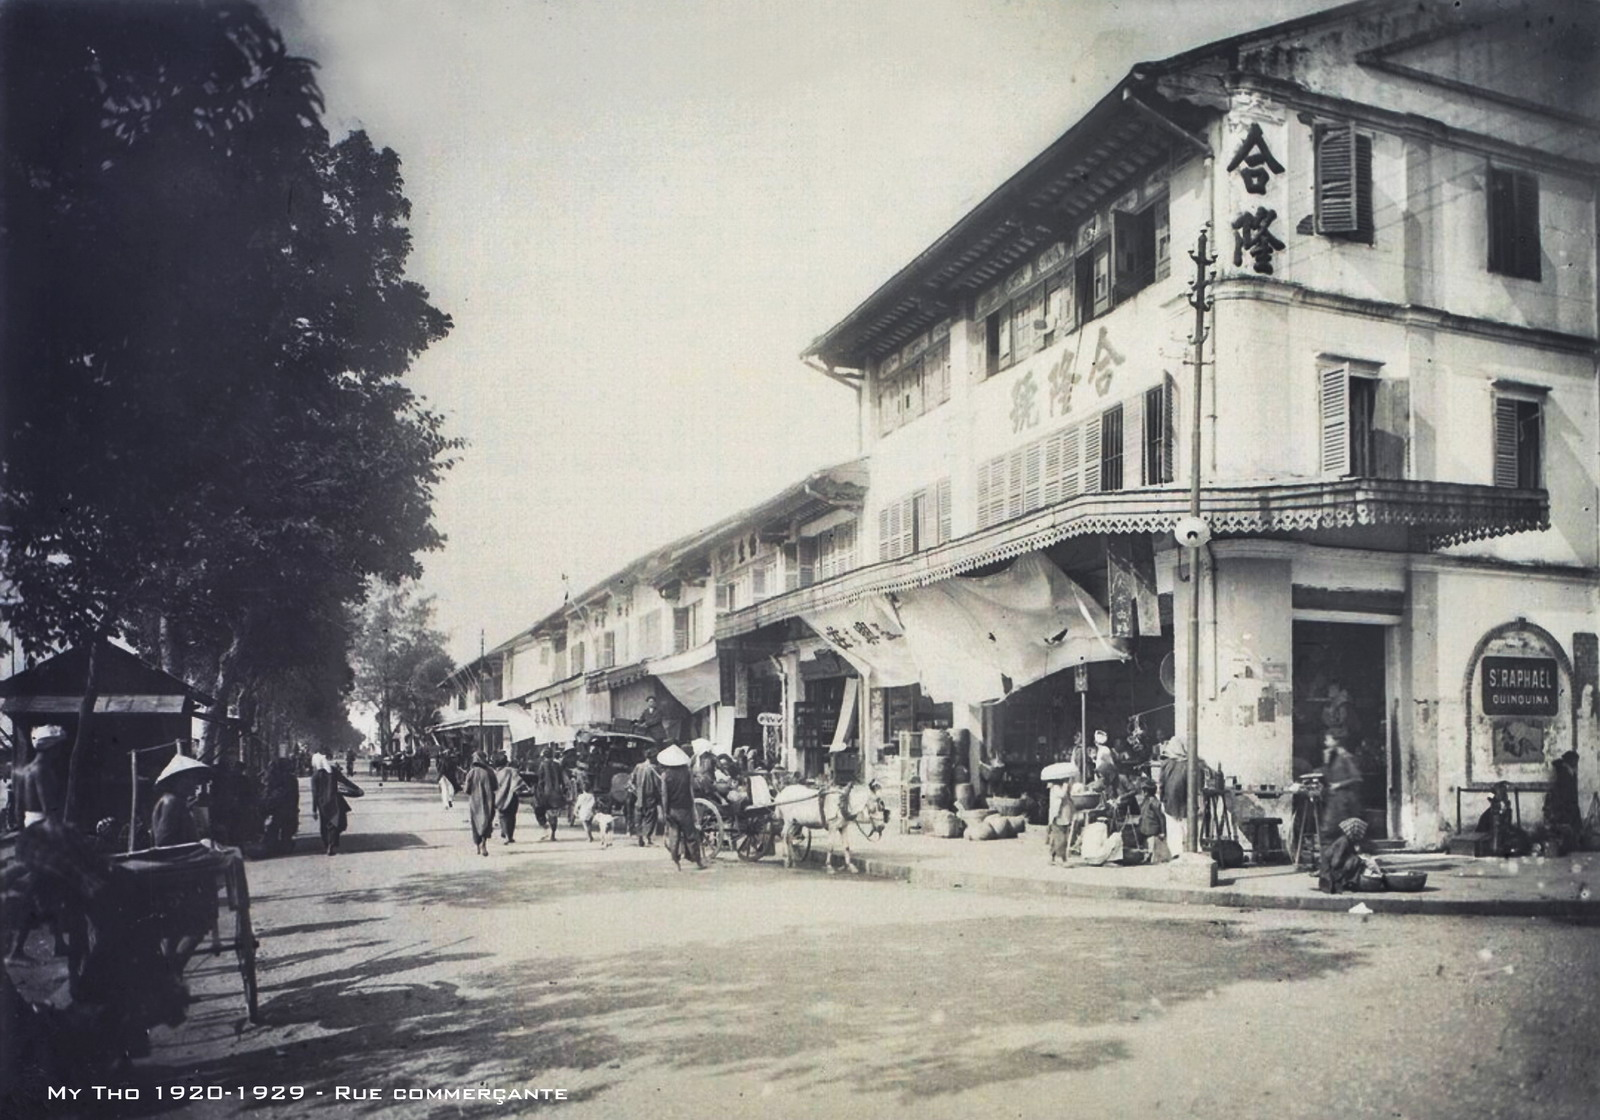 Chùm ảnh: Mỹ Tho thập niên 1920 qua ống kính của người Pháp